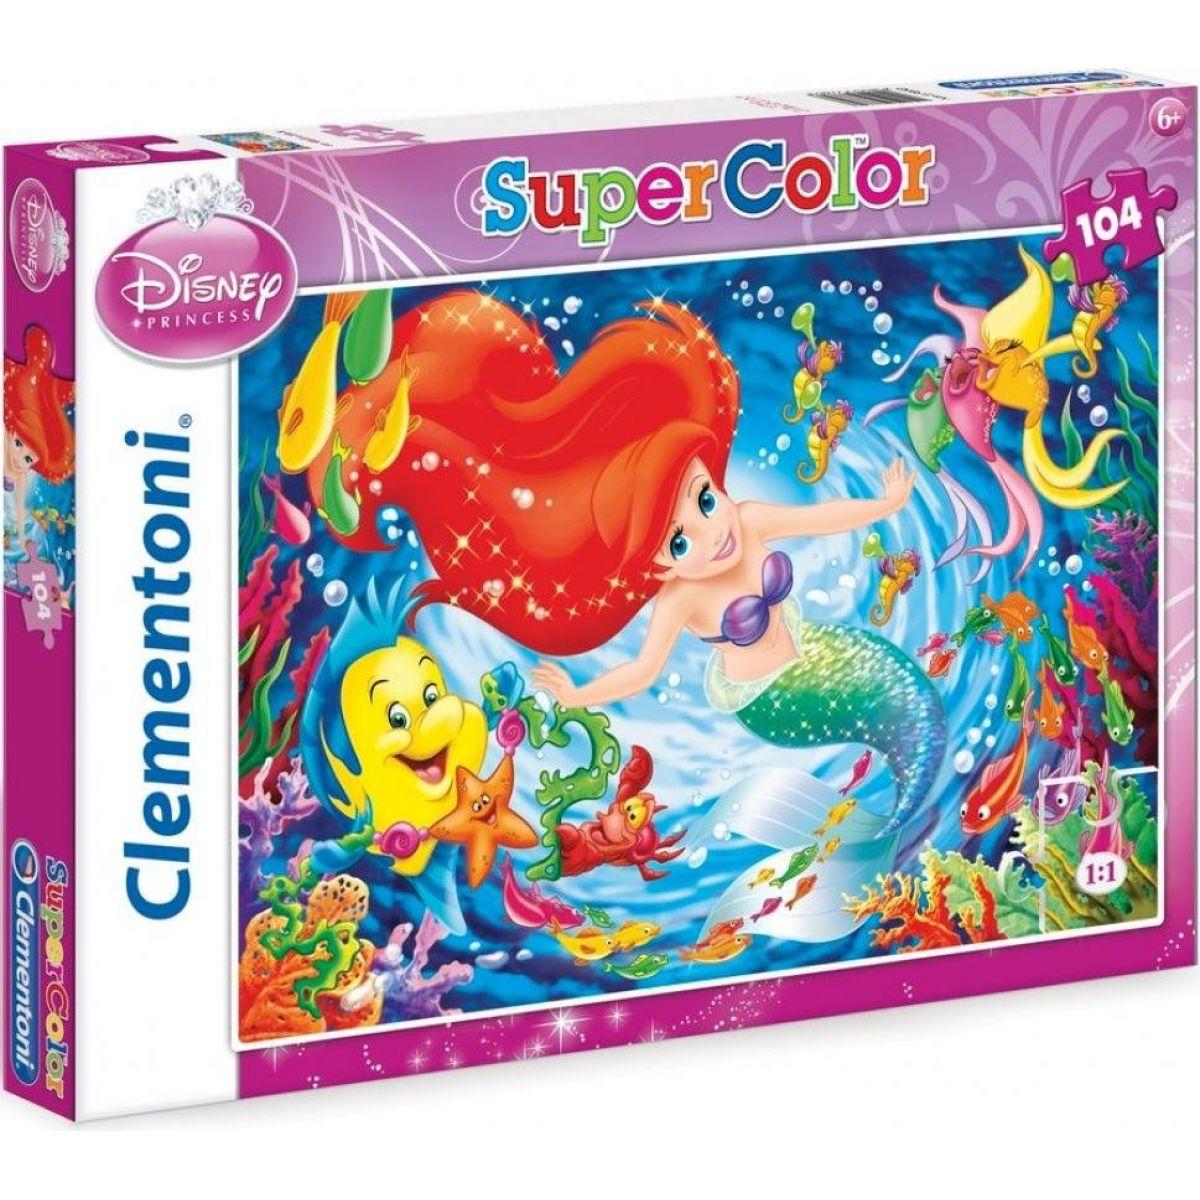 Clementoni Disney Princess Puzzle Supercolor Malá mořská víla 104d